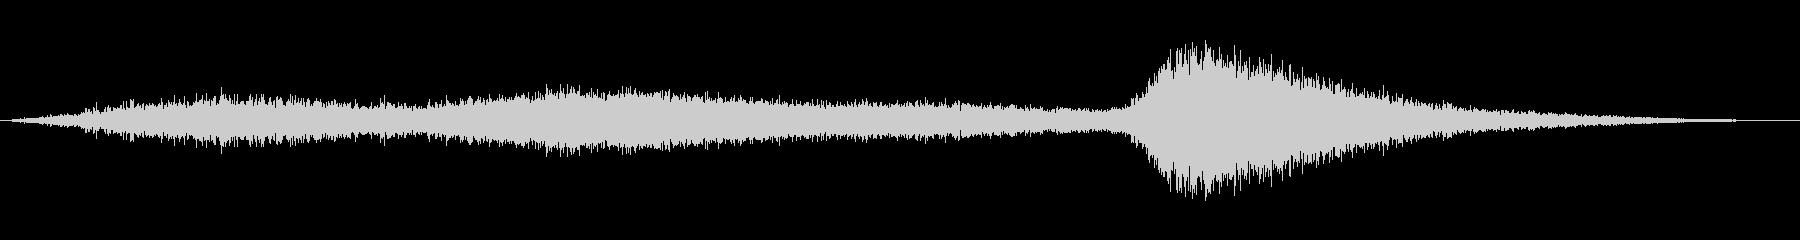 SPIRIT HISS 2の未再生の波形